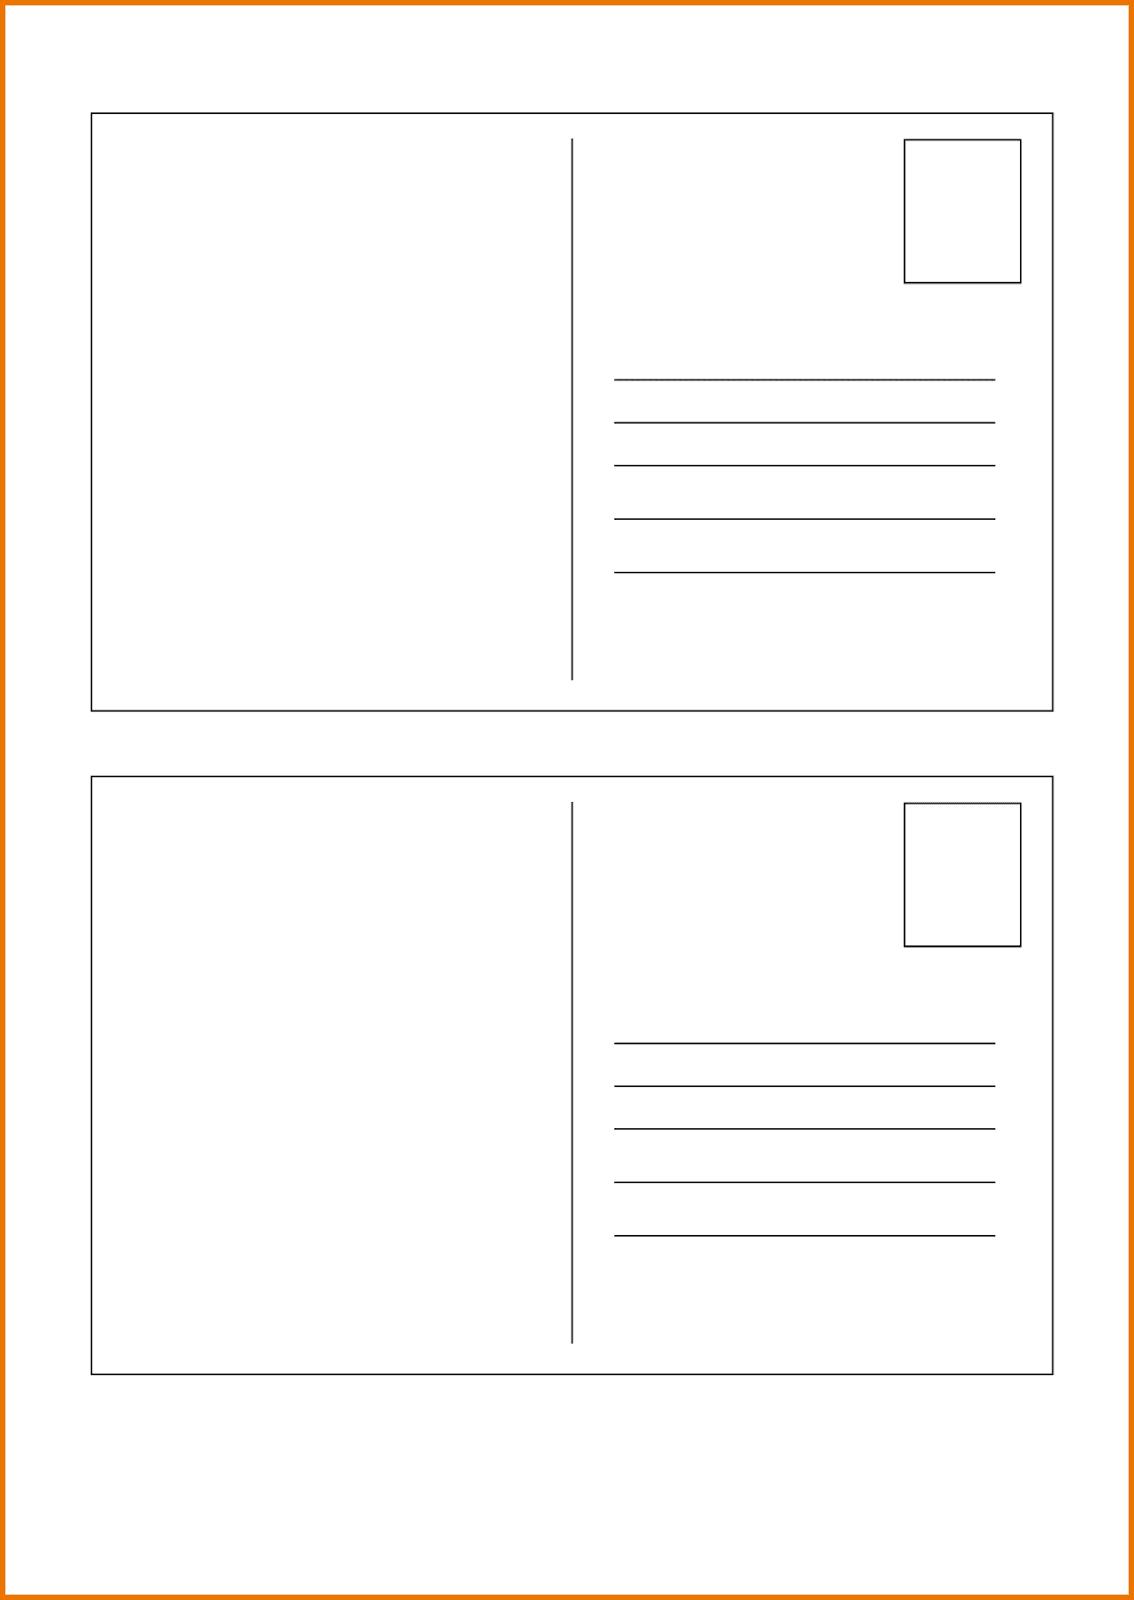 Free Printable Postcard Templates - Free Printable Postcard Template